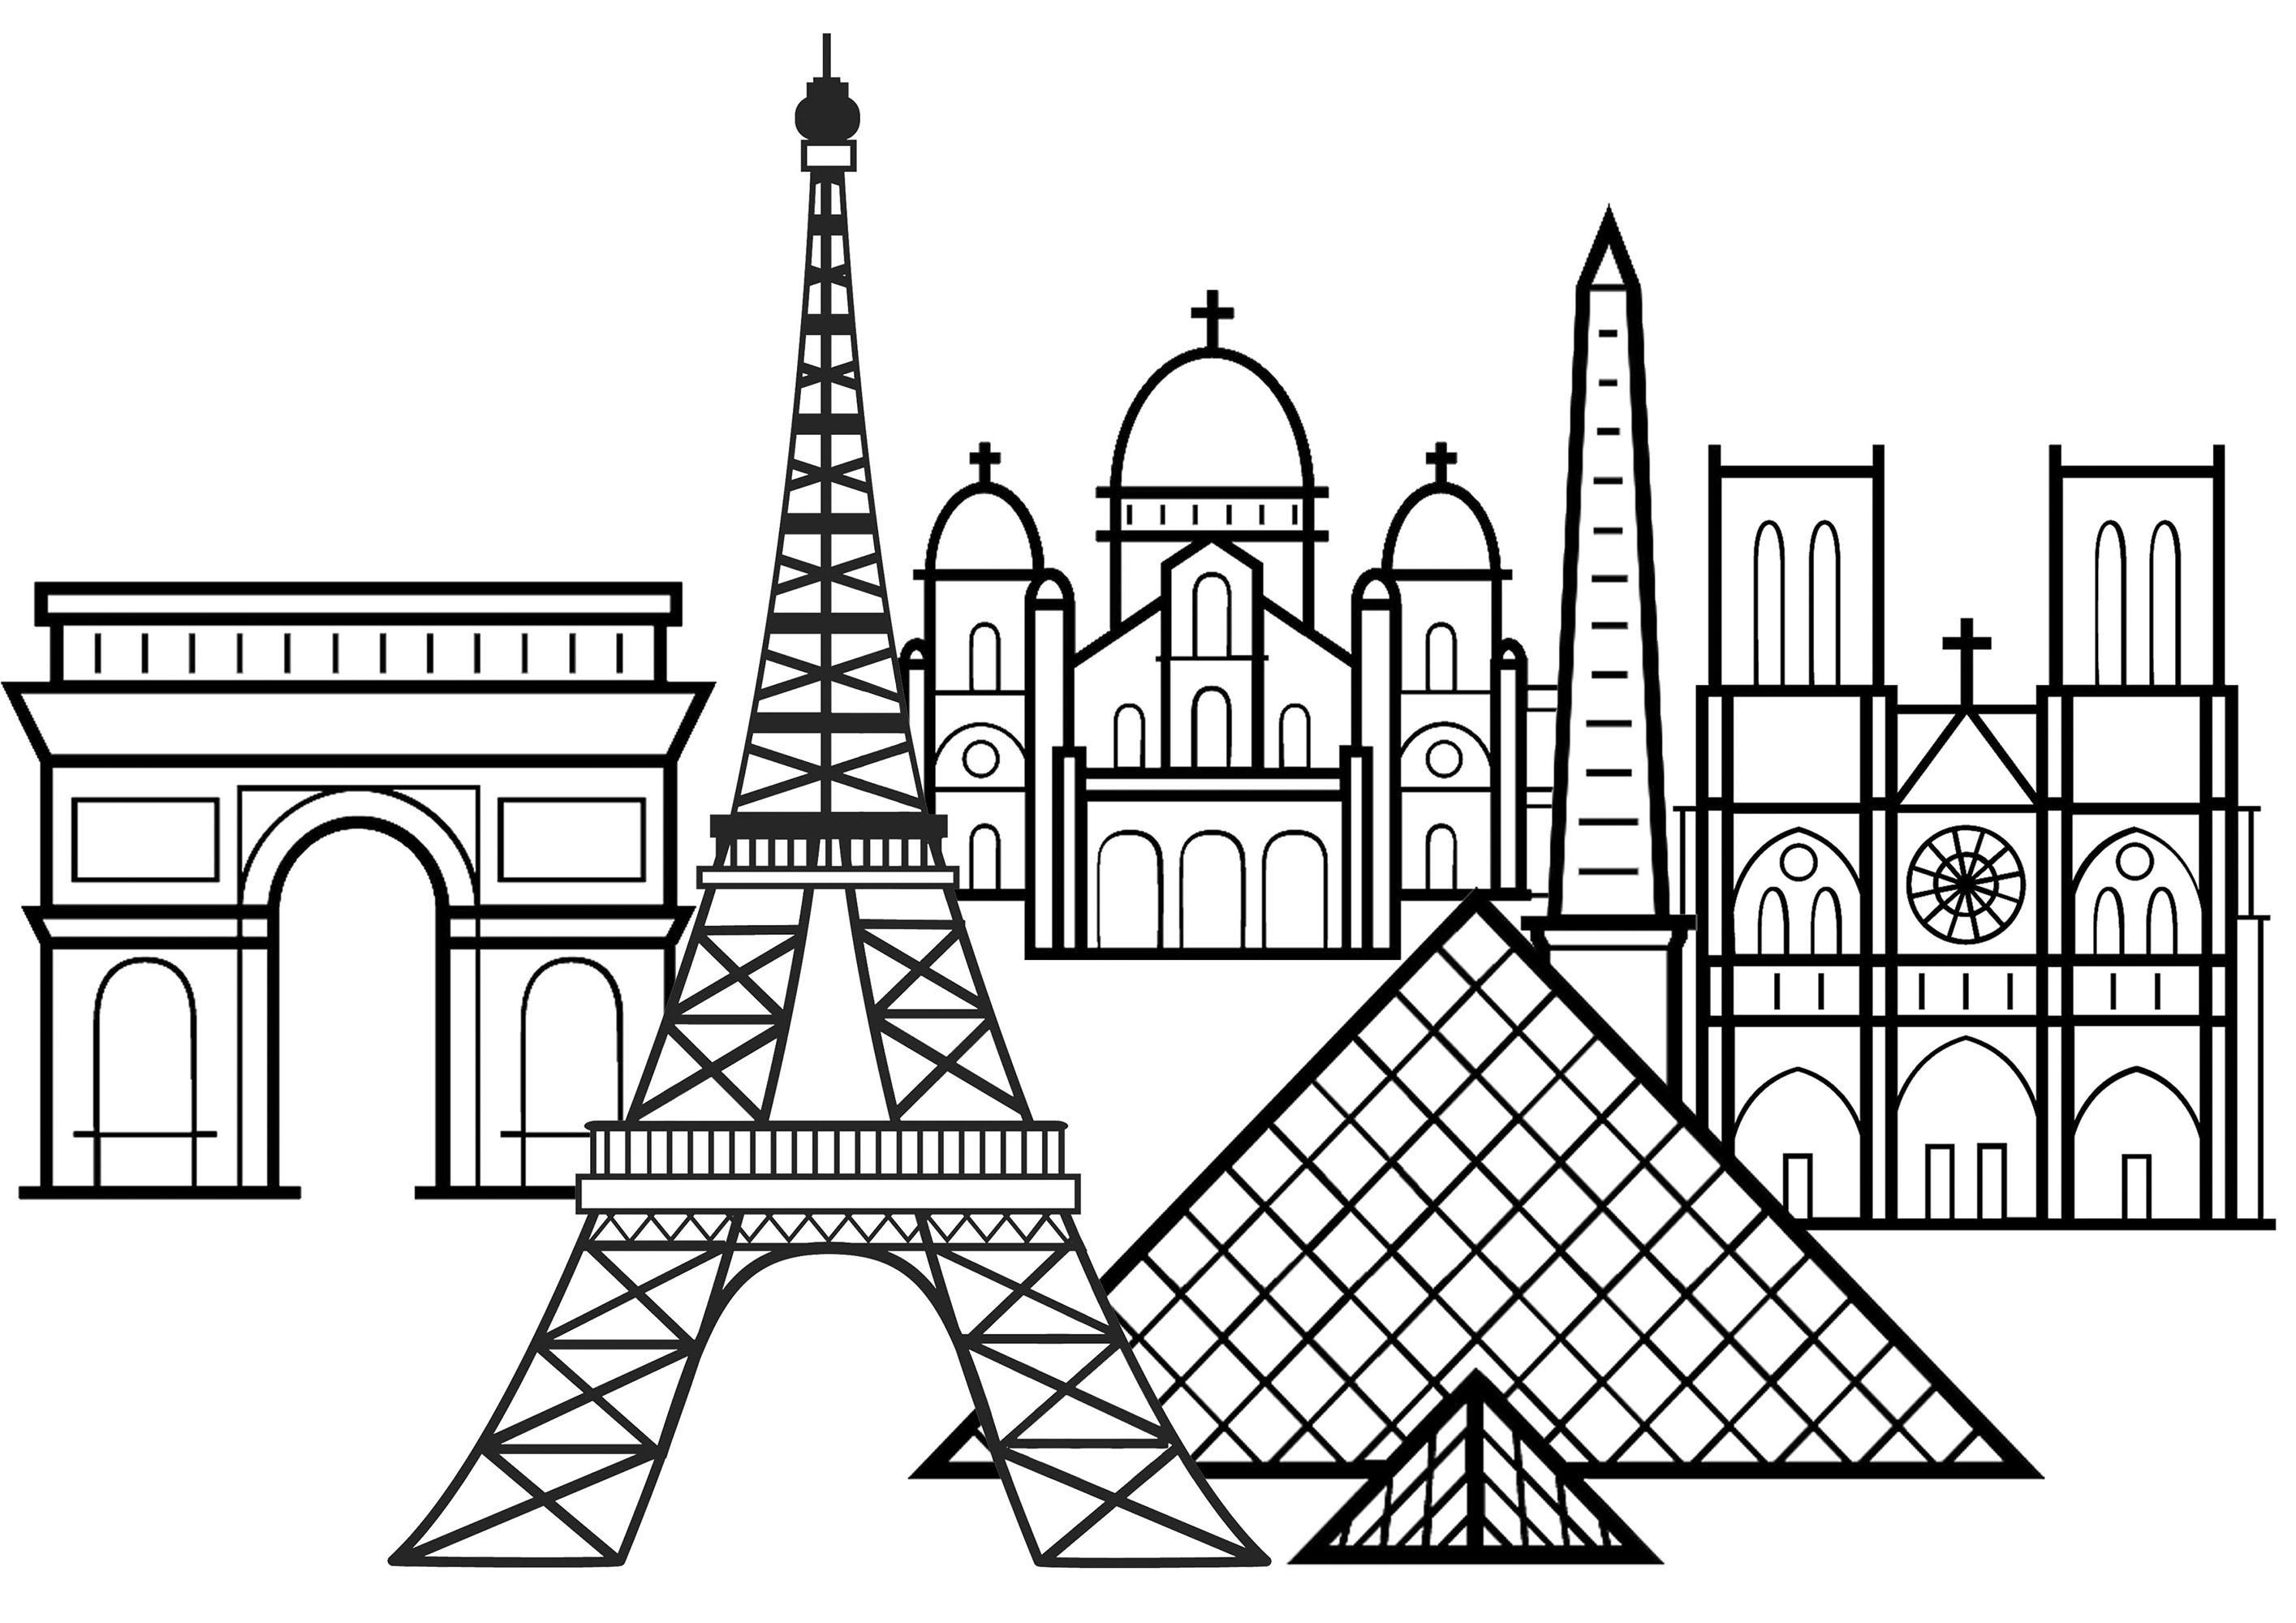 Monuments célèbres de Paris : Tour Eiffel, Arc de triomphe, Cathédrale de Notre Dame de Paris, Pyramide du Louvre et Basilique du Sacré-Cœur